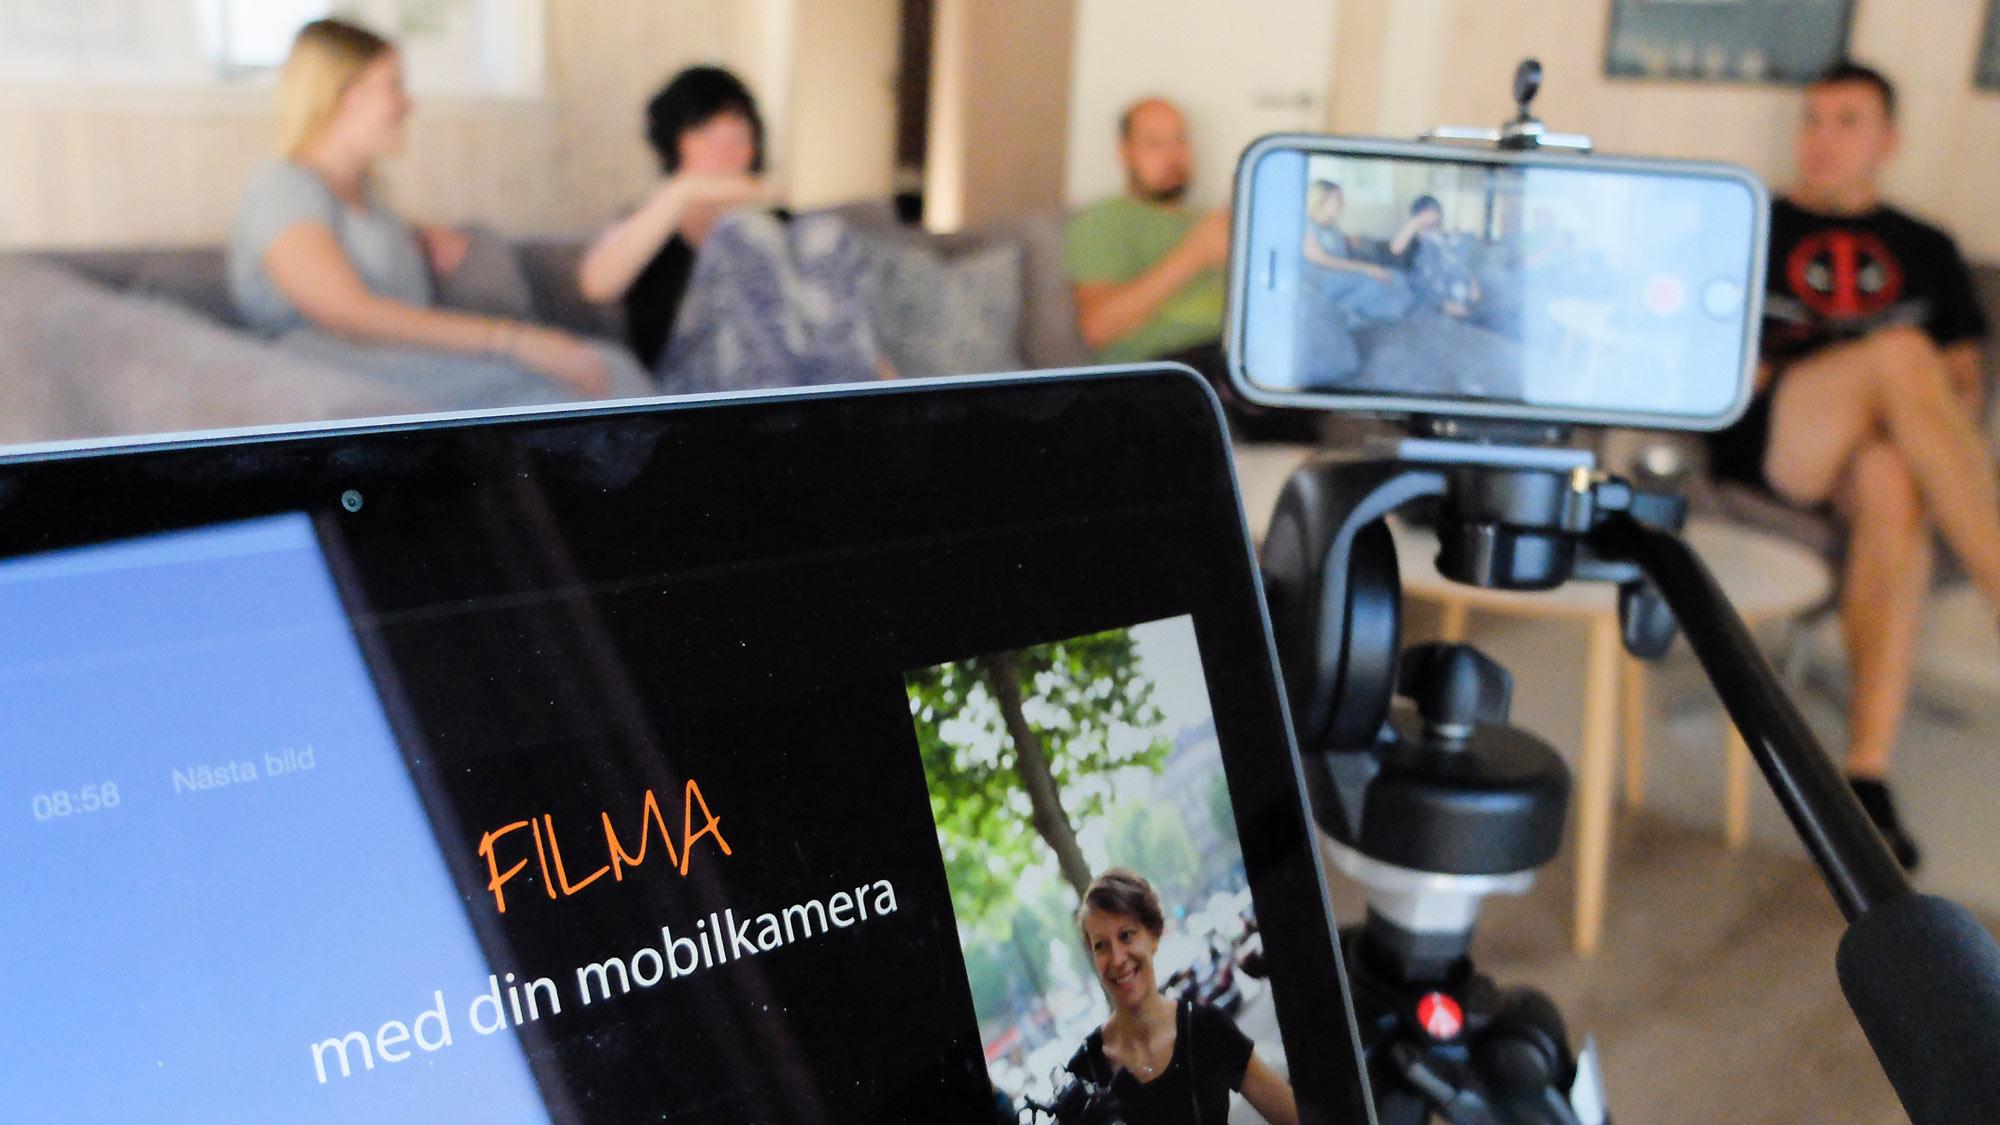 Filma med mobilkameran